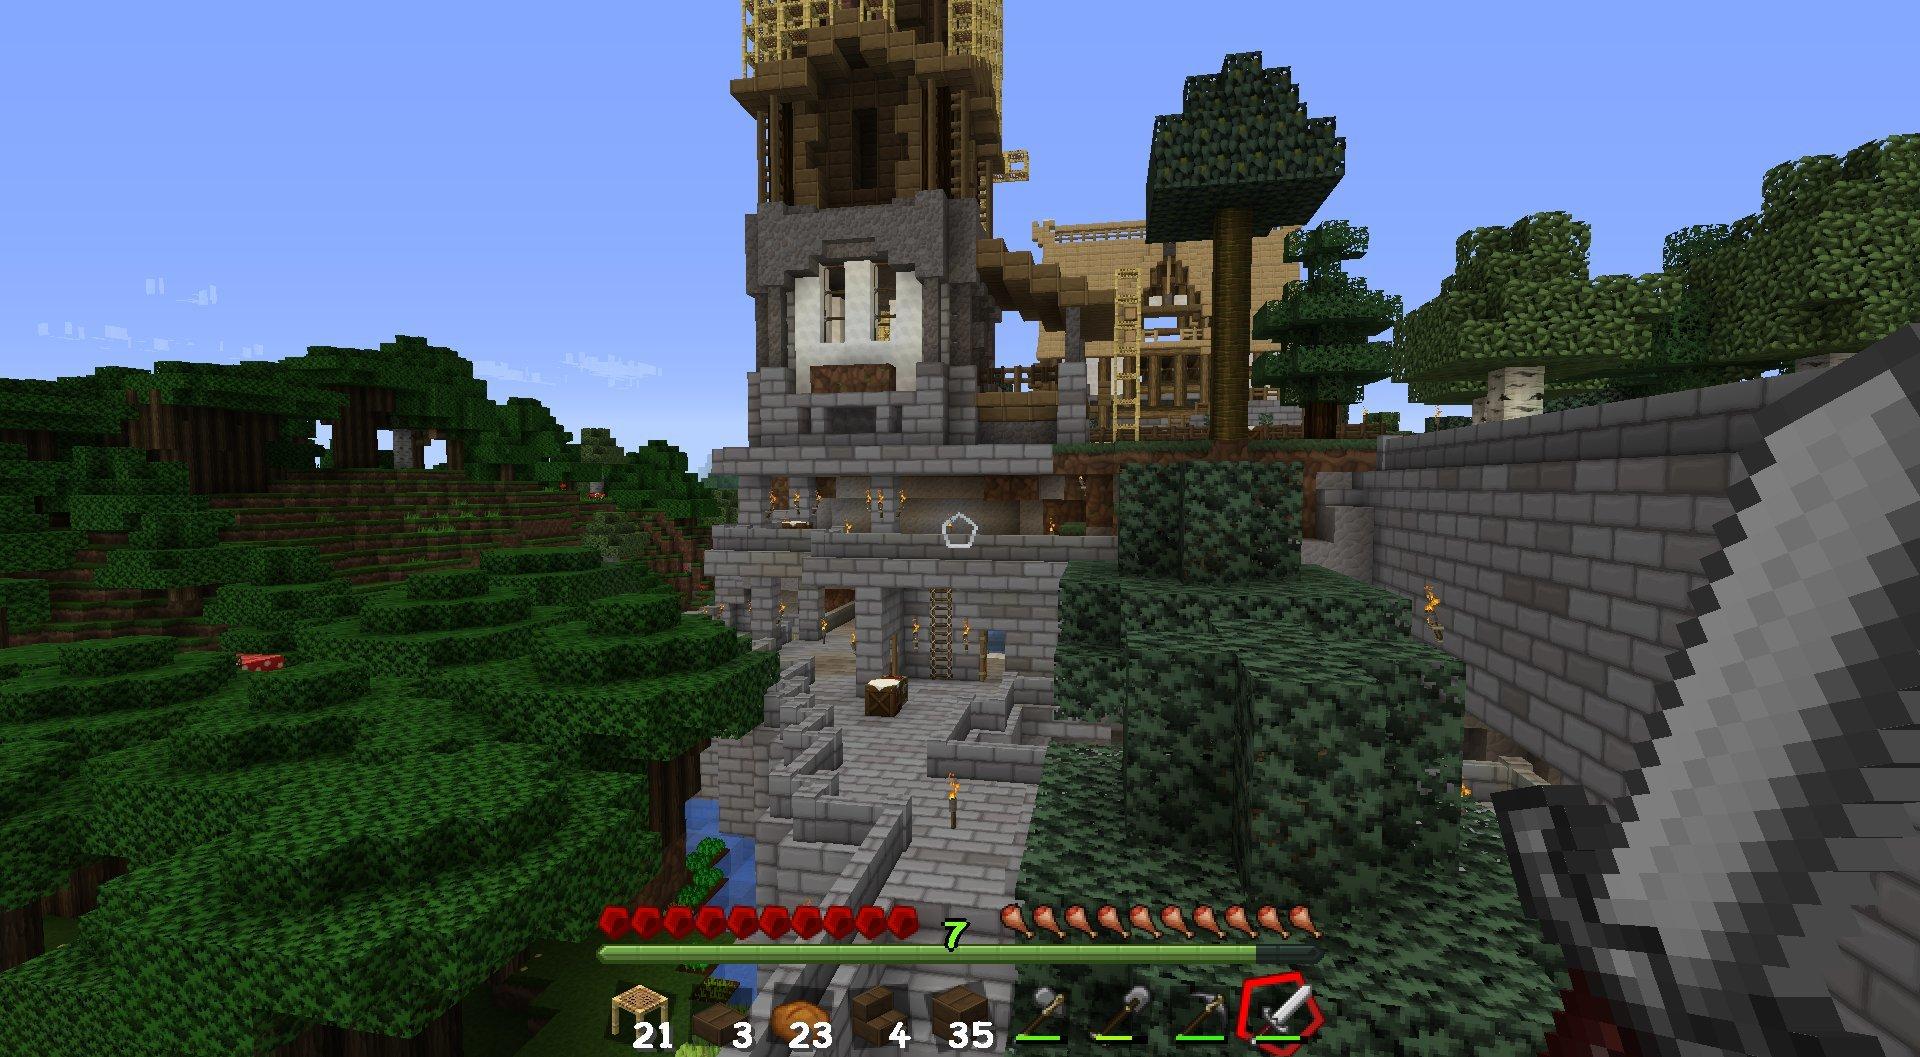 Serveur Minecraft l'appel du jeu 1575402347-2019-12-03-20-32-27